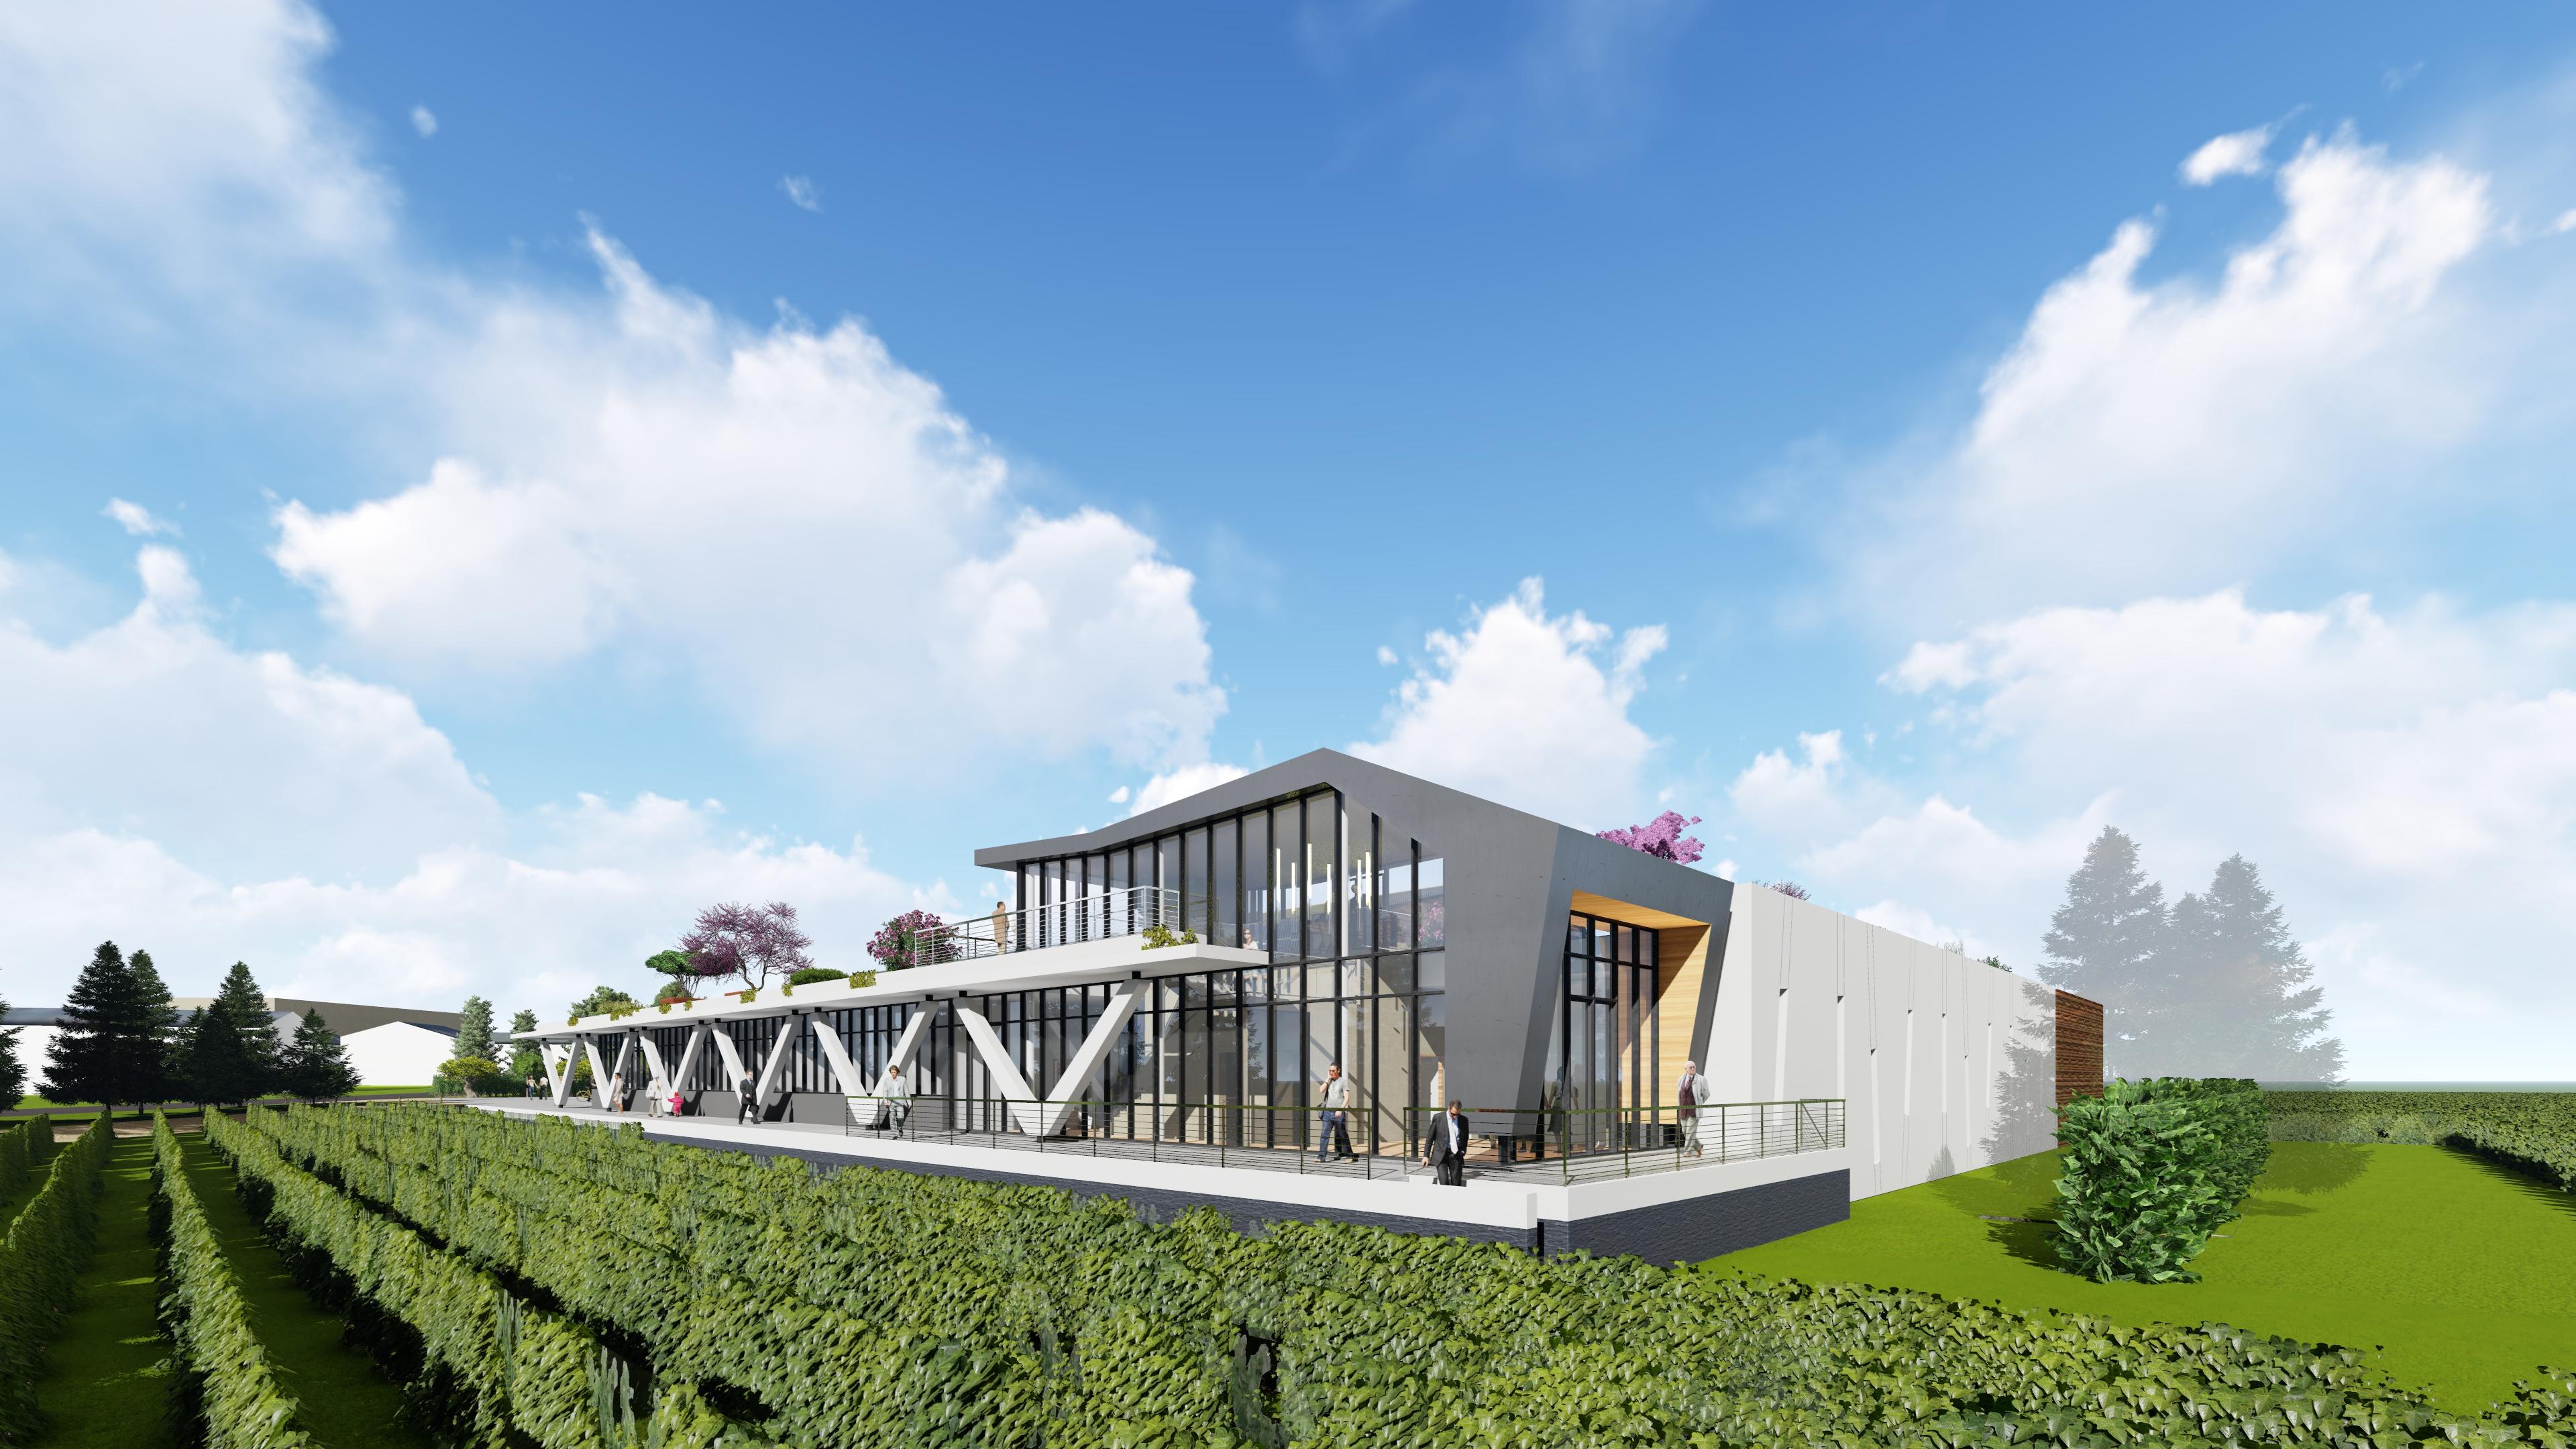 I - 2017-101 - CHÂTEAU LA VARIERE - Construction d'un nouveau chai - Vauchrétien (49) ©Rolland & associés1